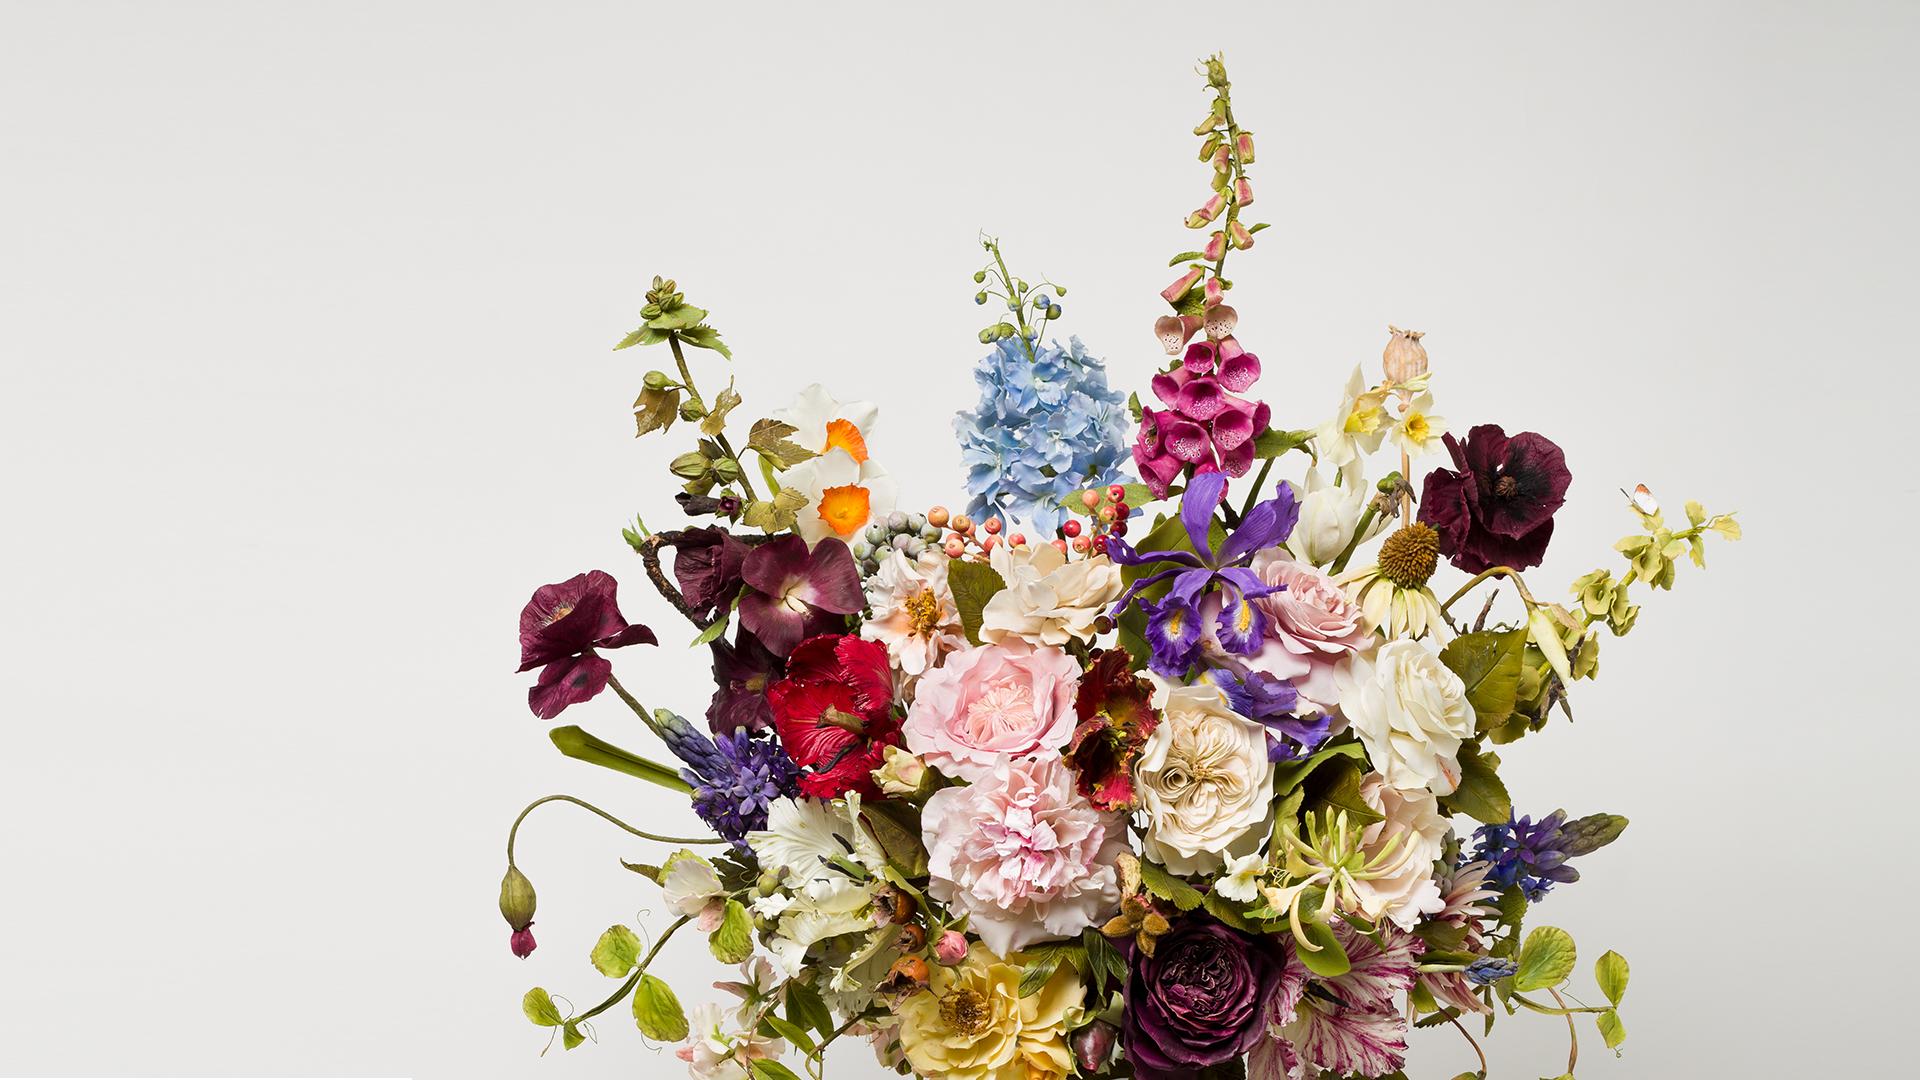 Tracy Byatt: An Impossible Bouquet